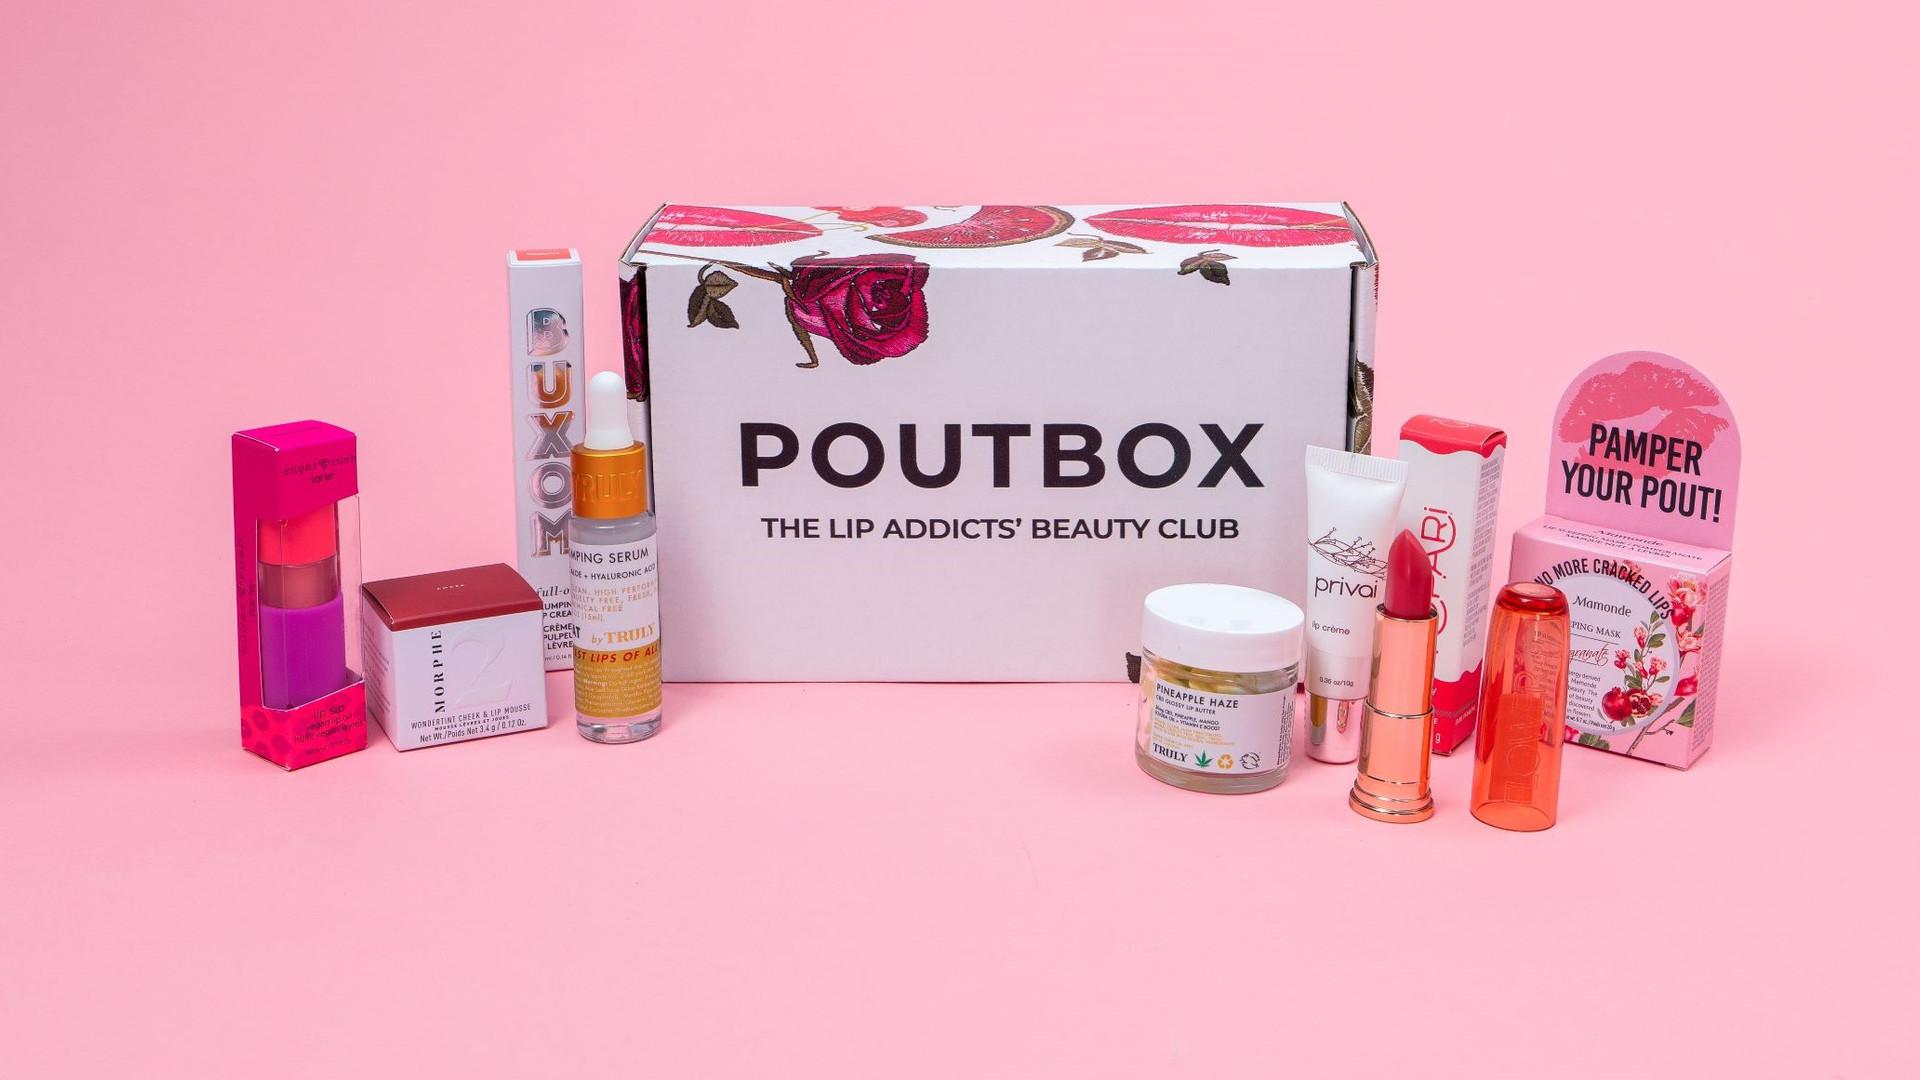 PoutboxGiftboxofLipBeautyProducts.jpg